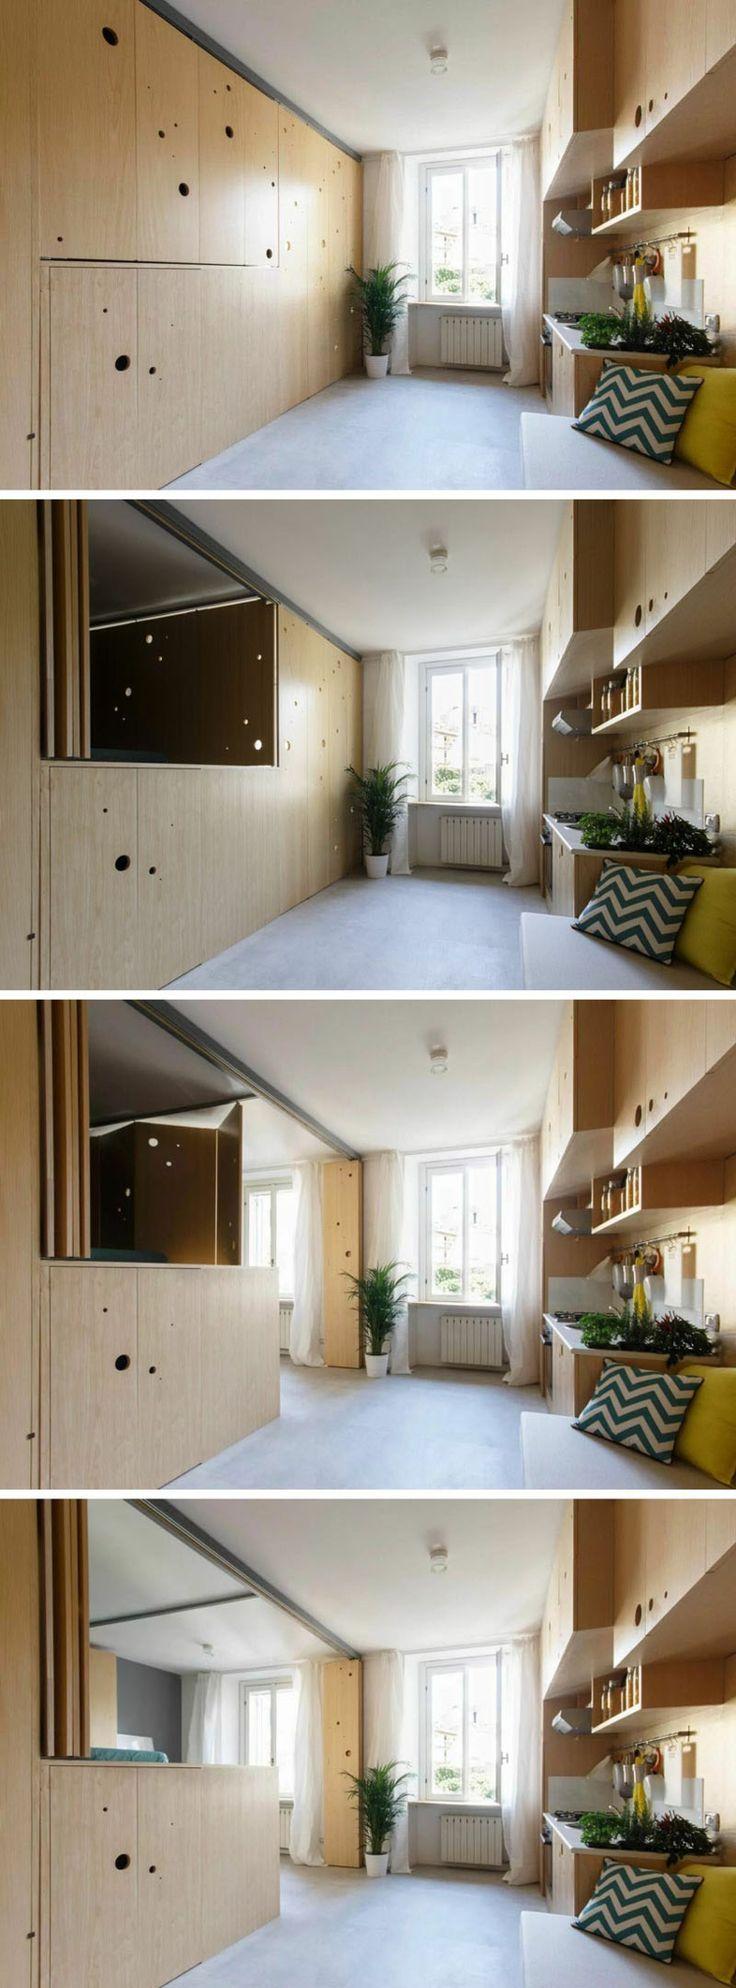 Uberlegen Falttüren Aus Eschenholz Für Clevere Raumteilung In Einer Einzimmerwohnung  #clevere #einer #einzimmerwohnung #